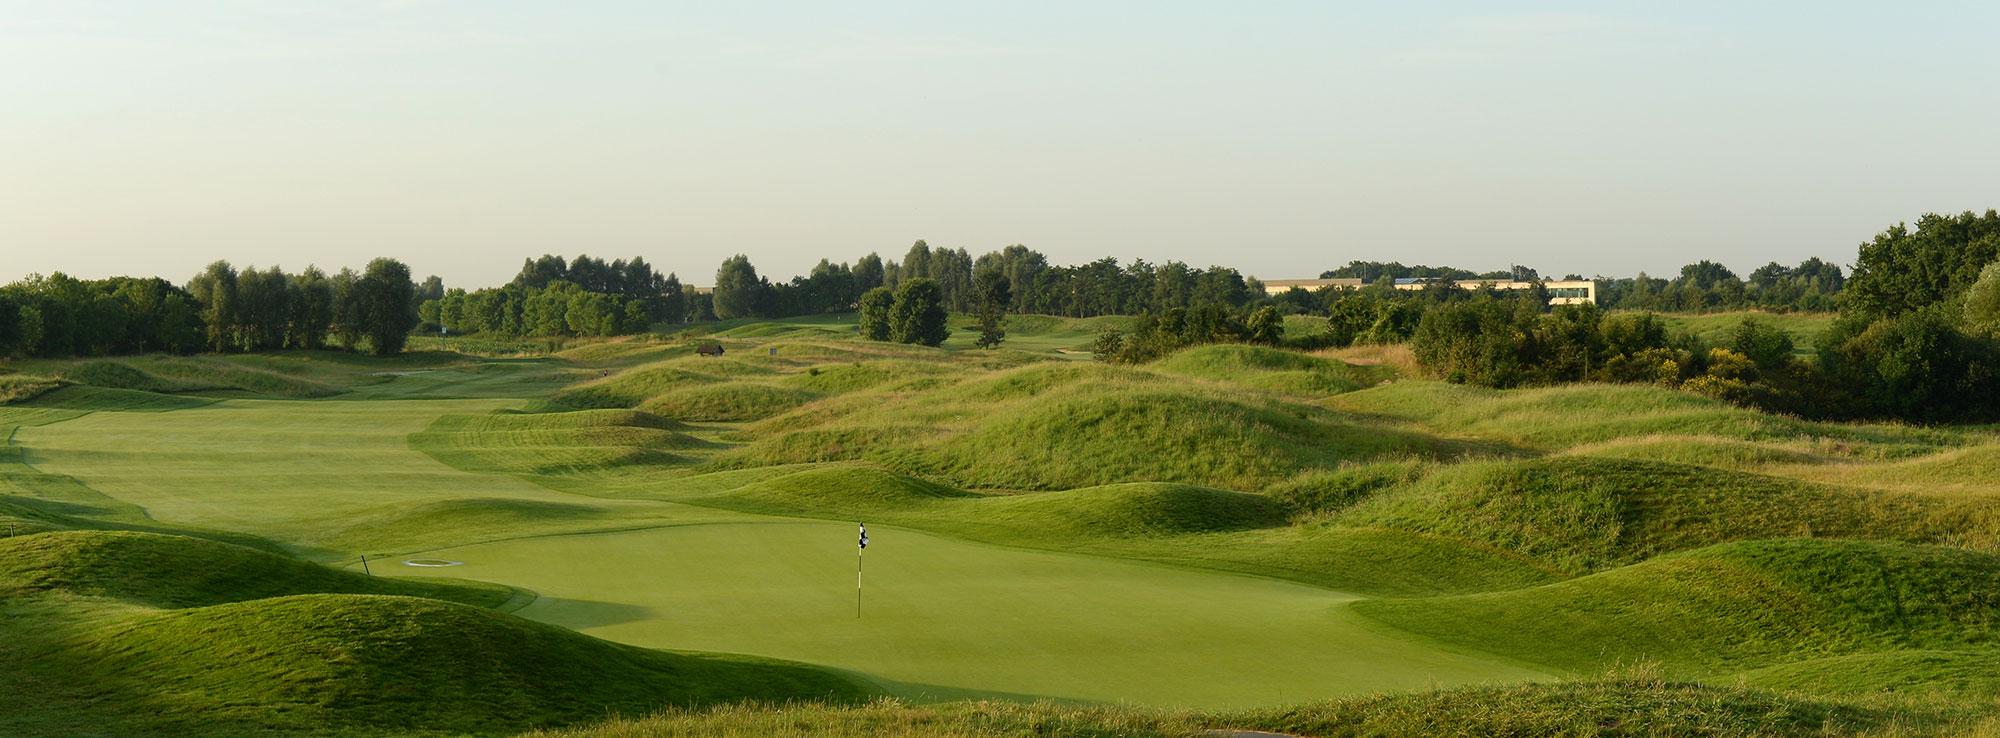 Golf National Albatros Golf Club-3729